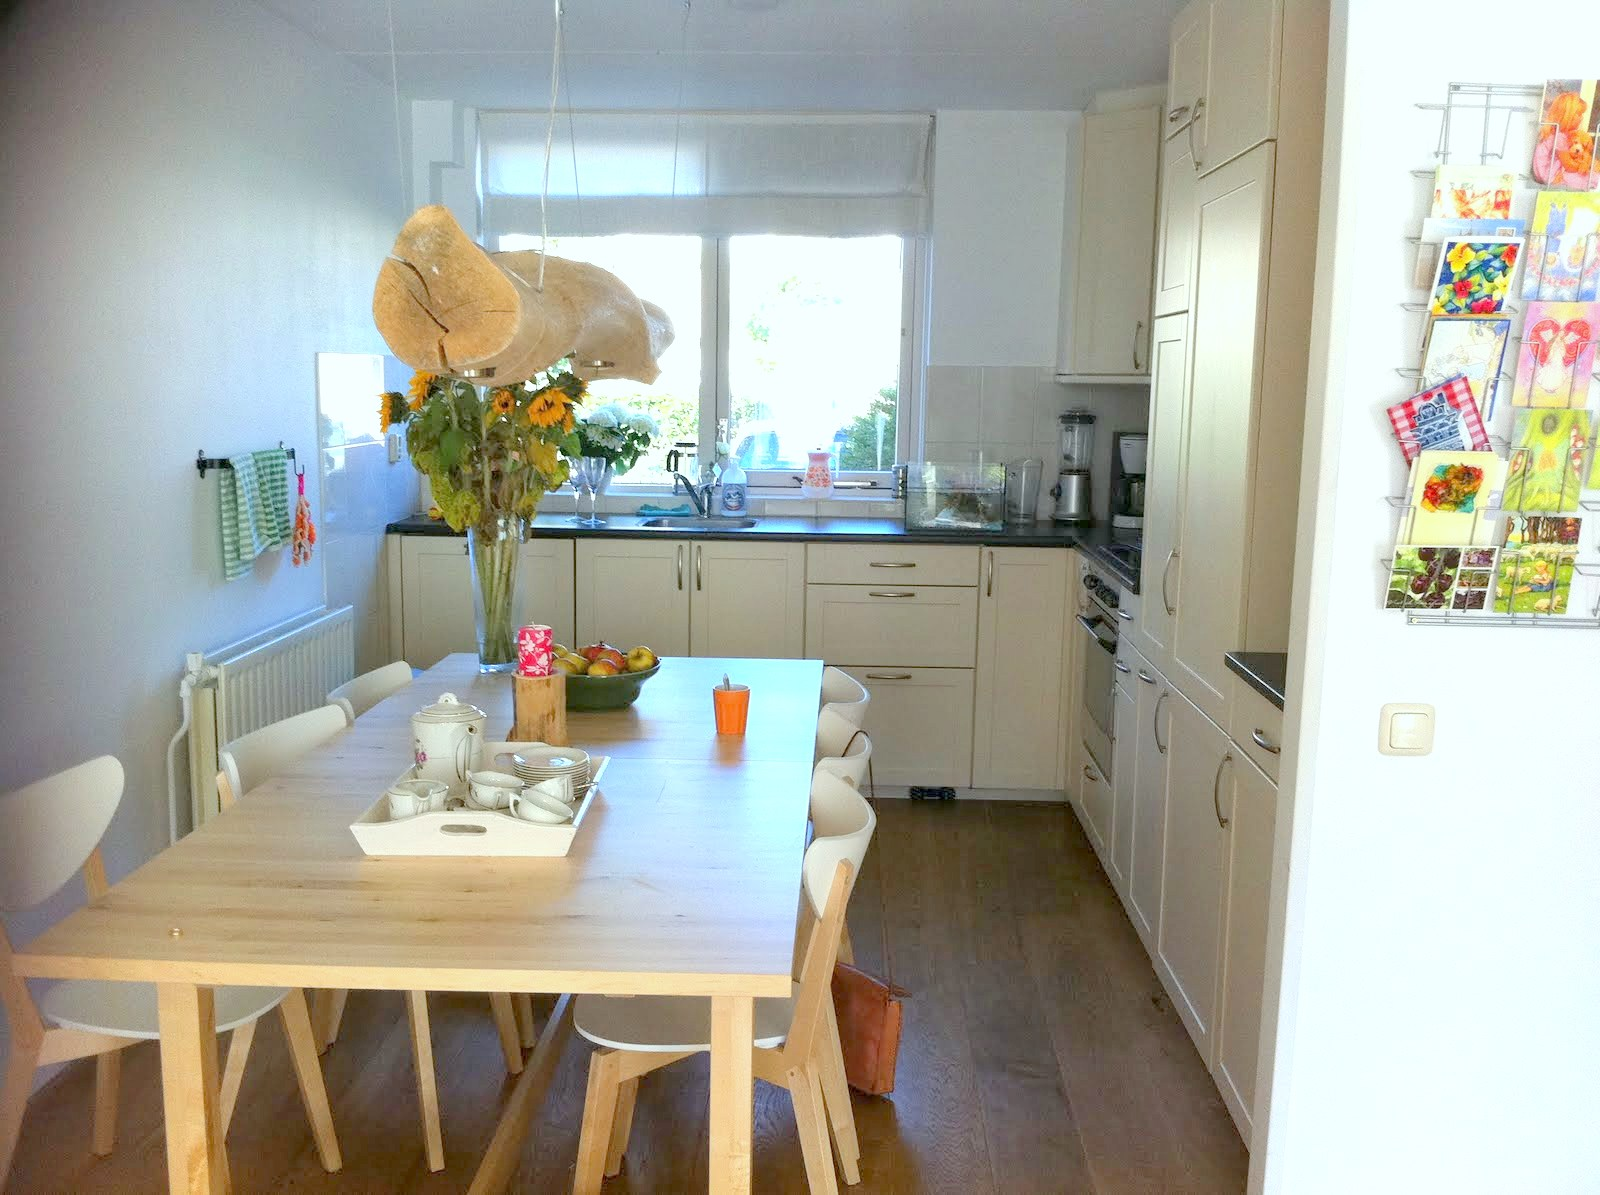 Low budget sort off keuken renovatie deel kastjes schilderen